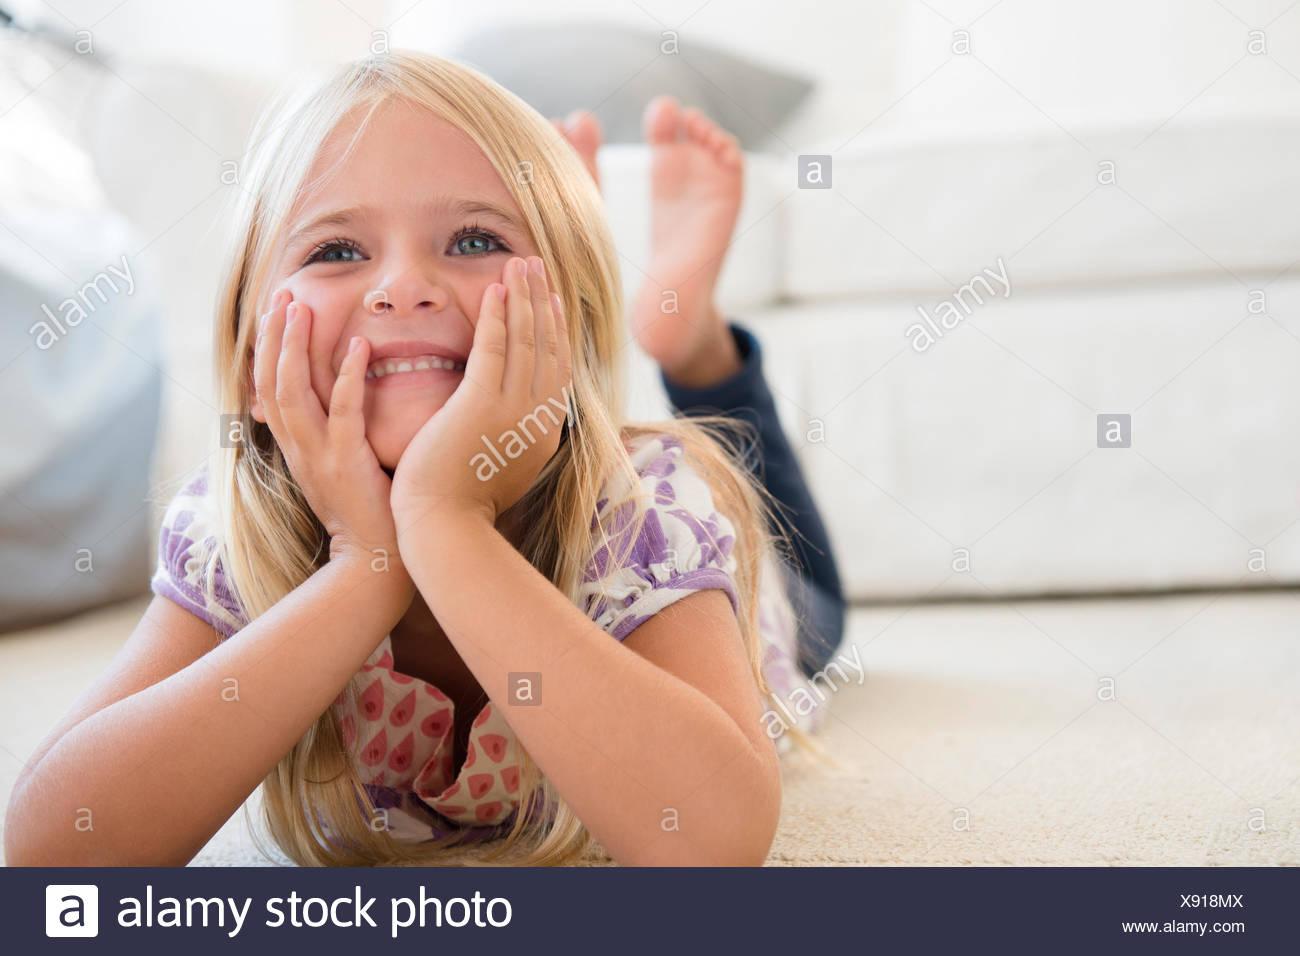 La ragazza (6-7) giacente sul pavimento Immagini Stock